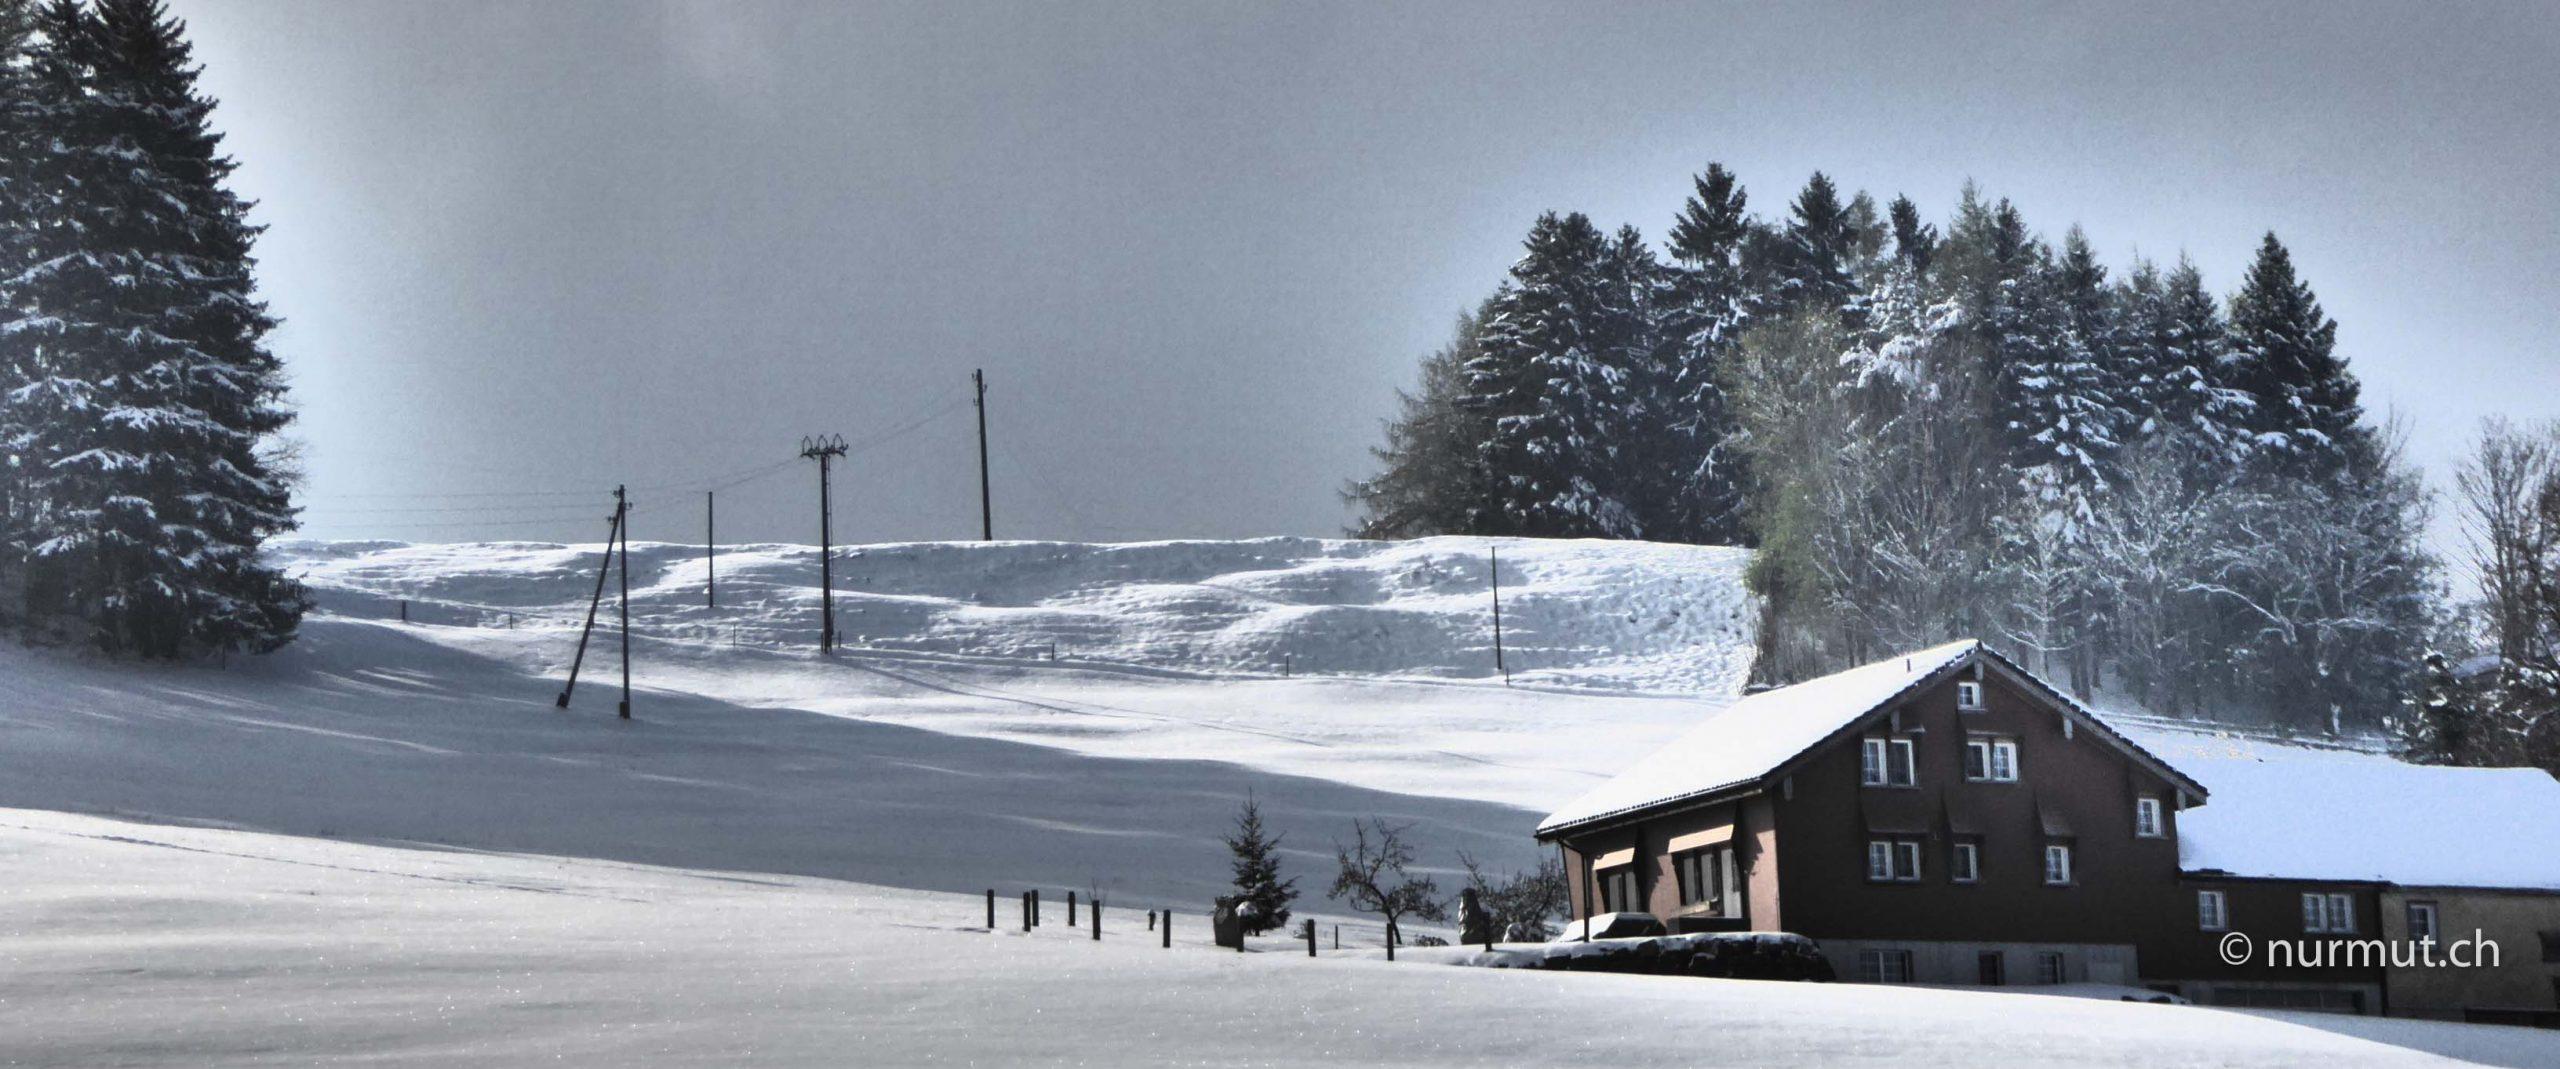 winterwanderung-im-appenzellerland-hier-ist-nicht-alles-kaese